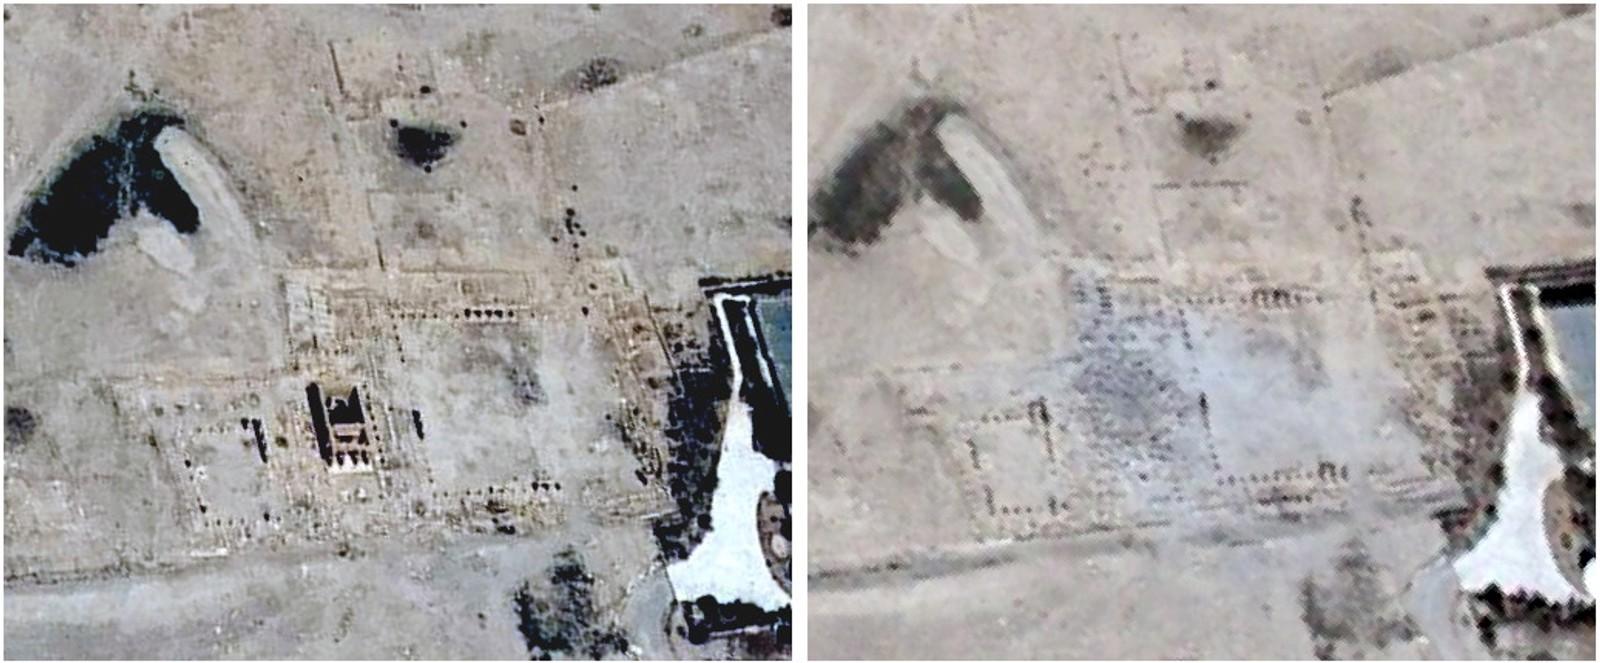 Baal Shamin-tempelet i Palmyra, Syria stammer fra romertiden, men er nå ødelagt viser disse satelittbildene.  IS skal stå bak sprengningen som ødela tempelet, en handling Unesco kaller en krigsforbrytelse.